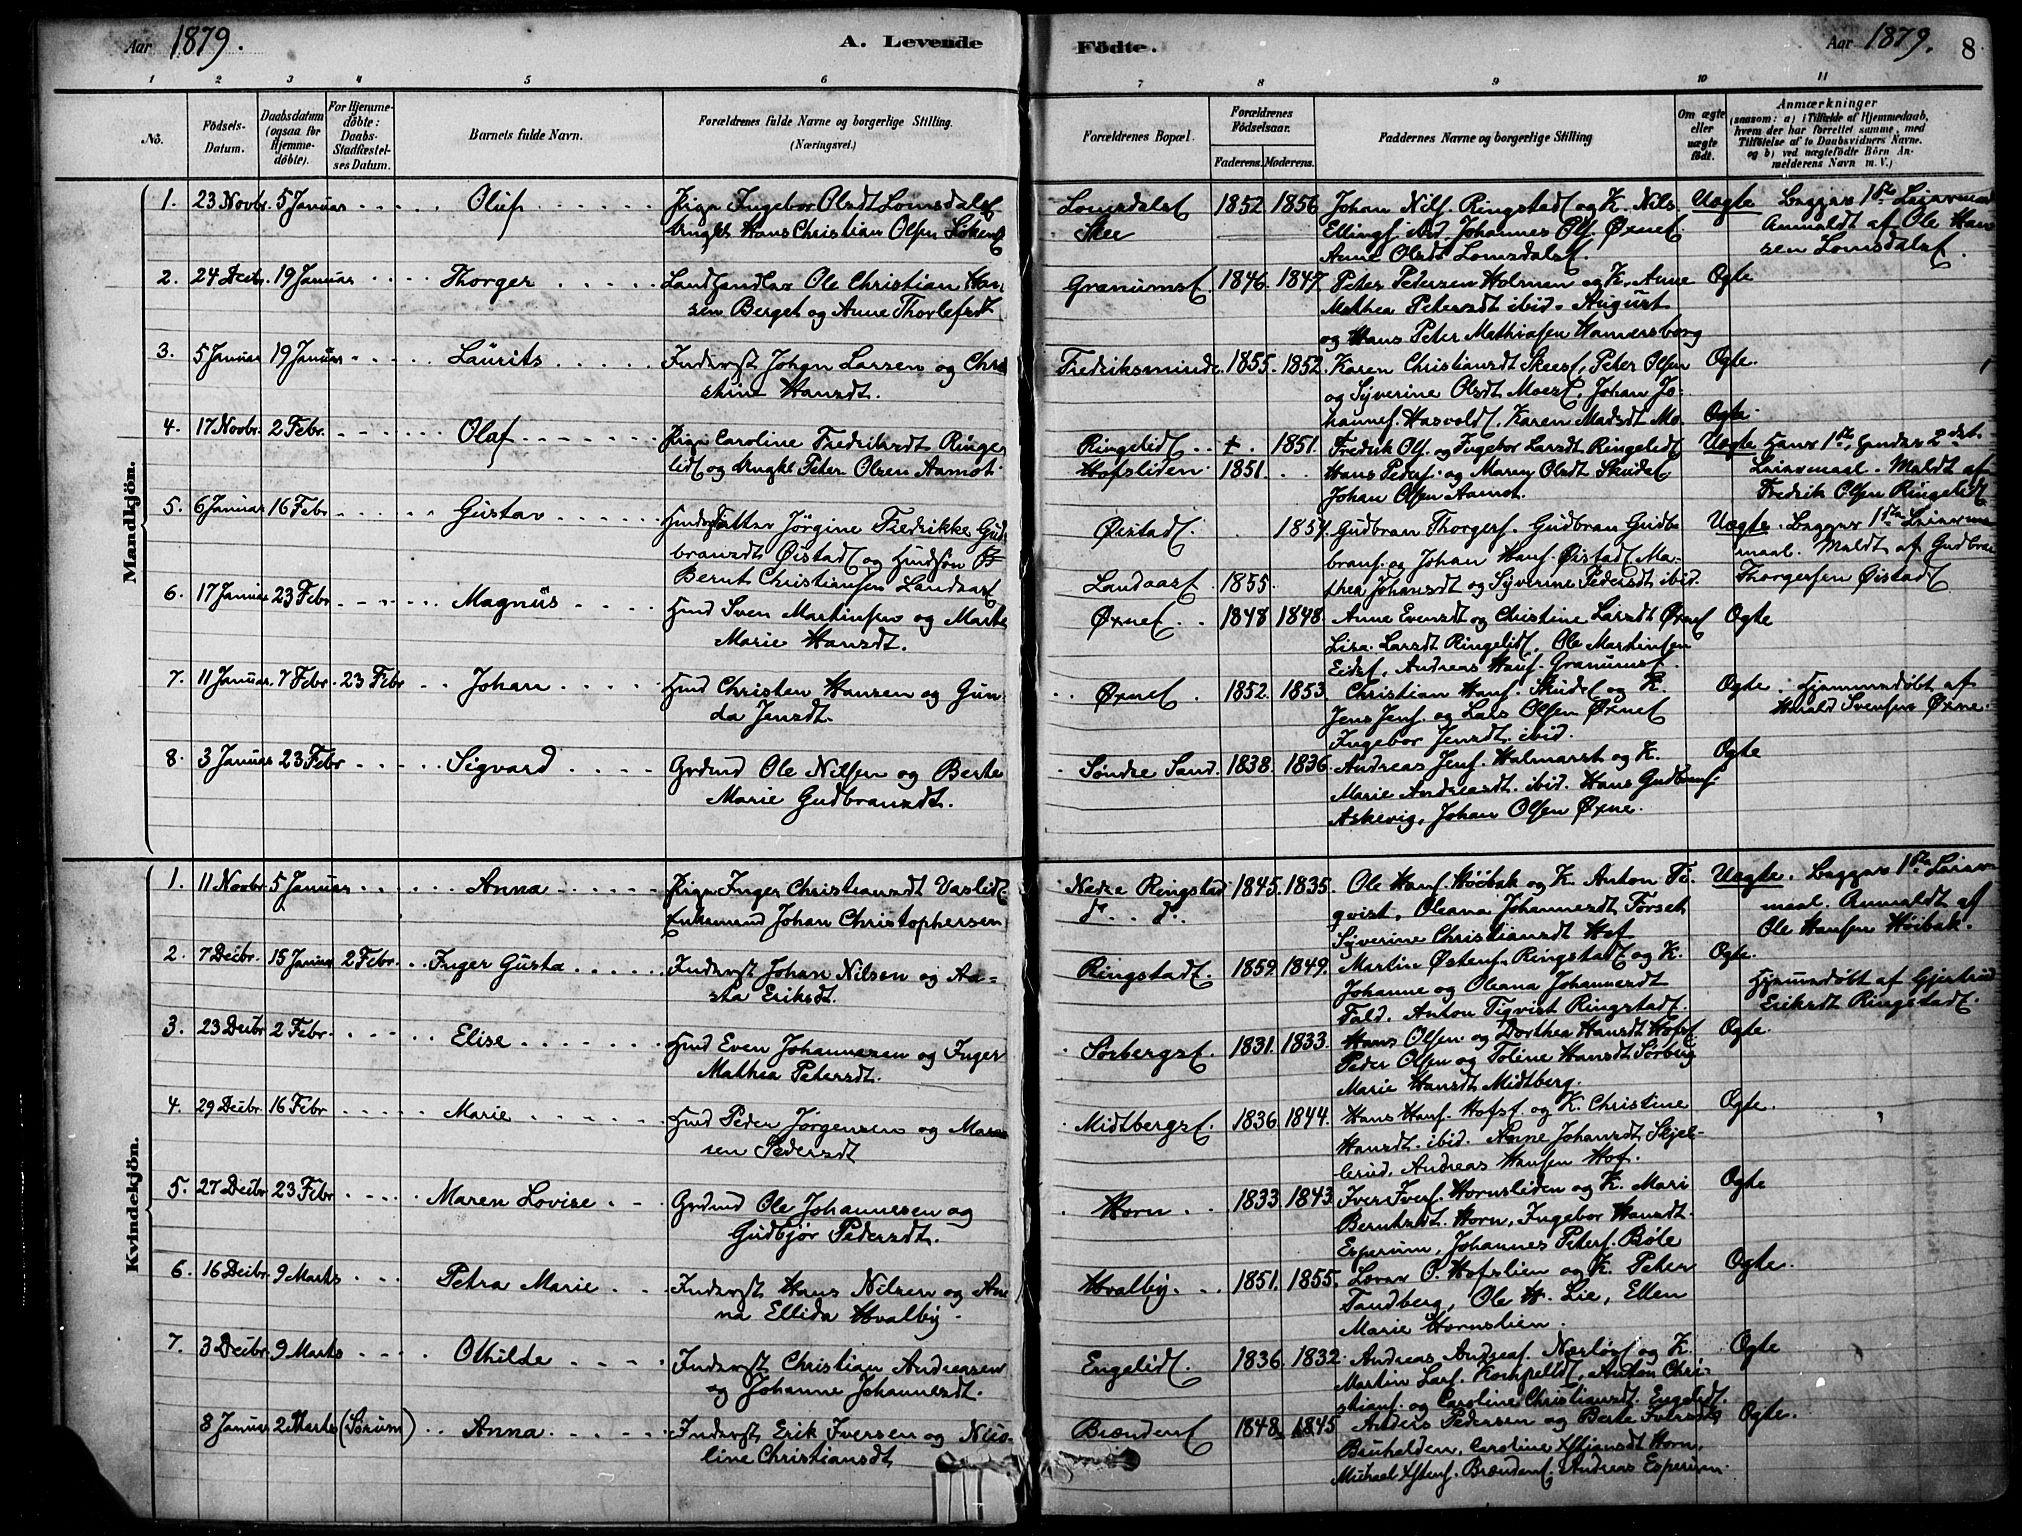 SAH, Søndre Land prestekontor, K/L0003: Ministerialbok nr. 3, 1878-1894, s. 8